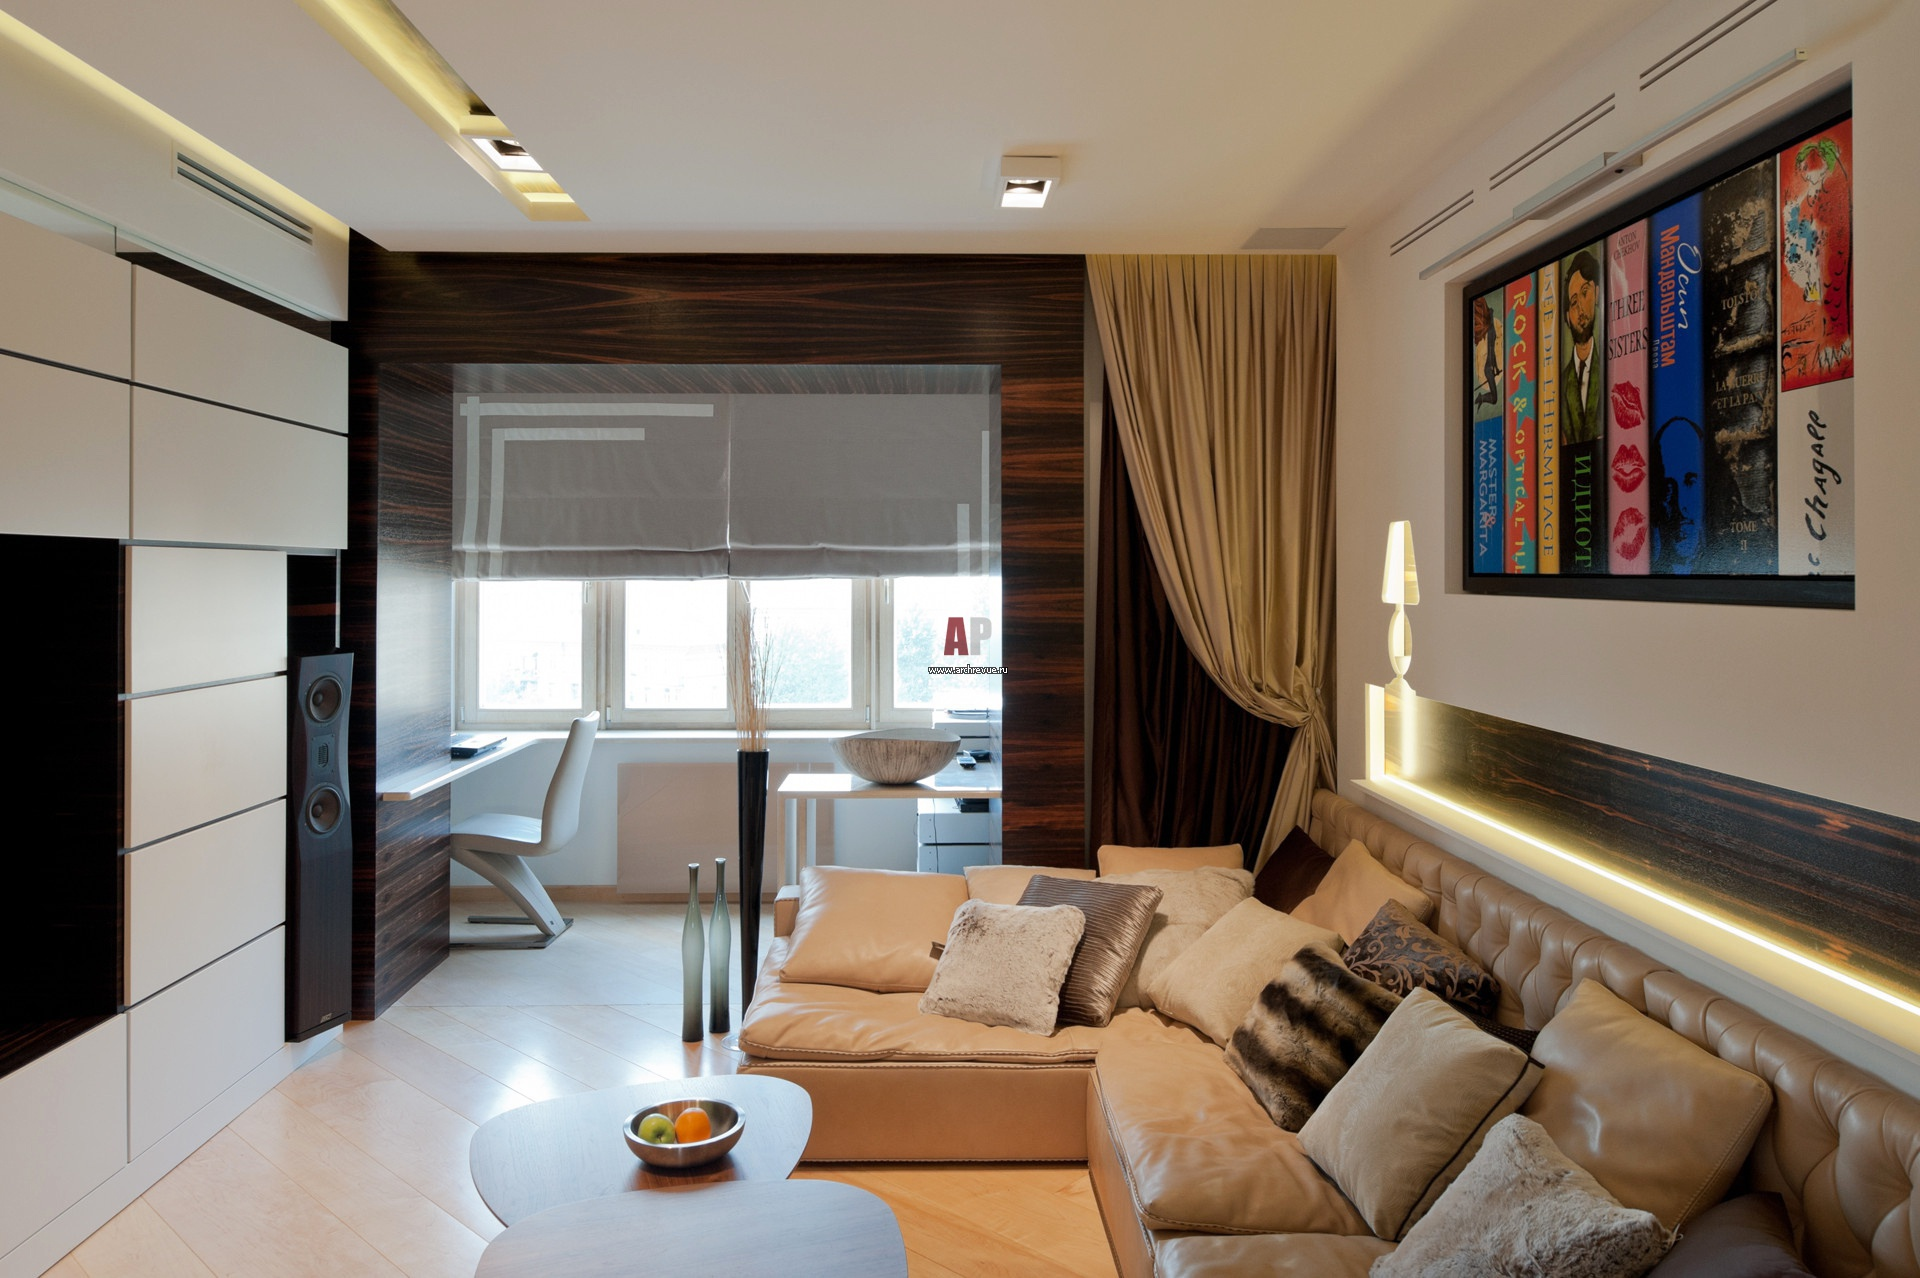 Дизайн функциональной квартиры в традициях минимализма для с.